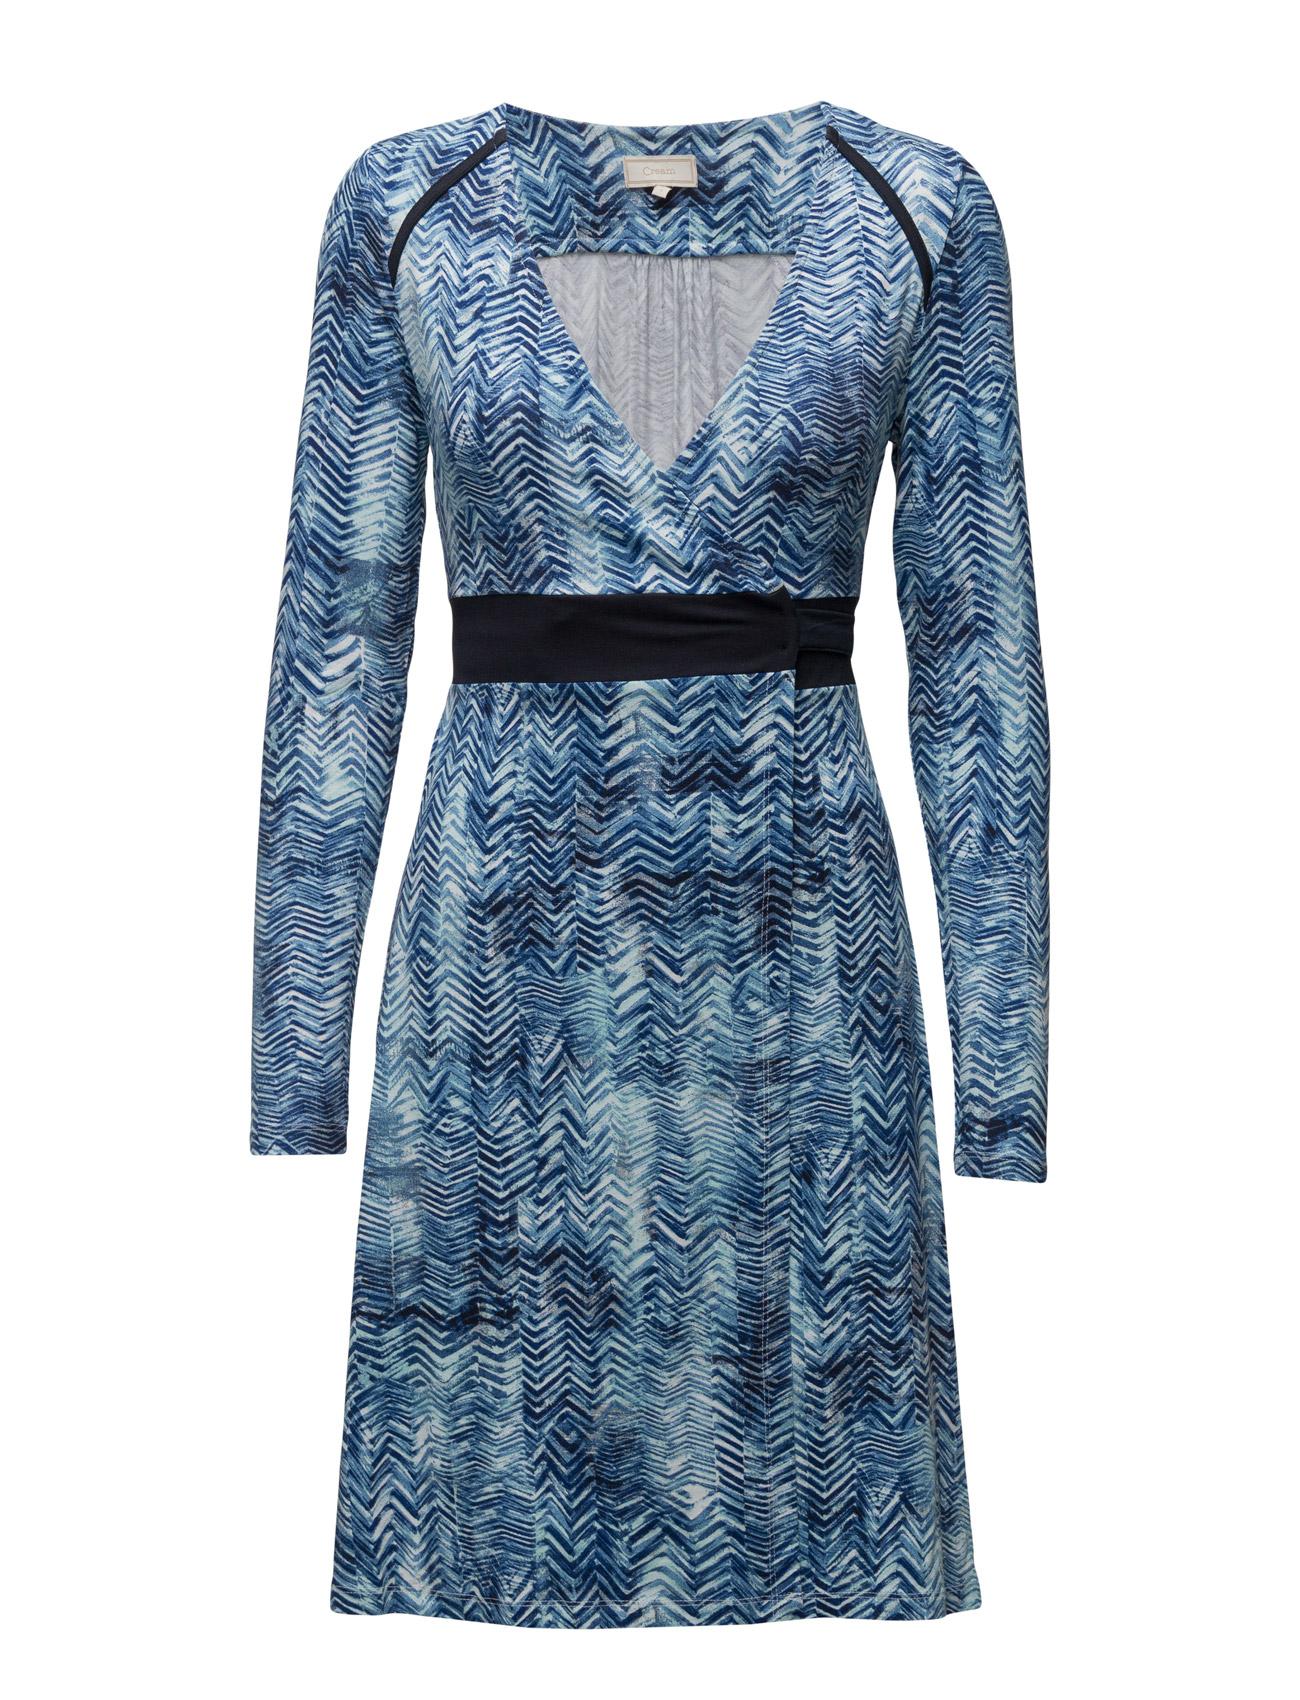 Carola Dress Cream Knælange & mellemlange til Damer i Royal Navy Blå